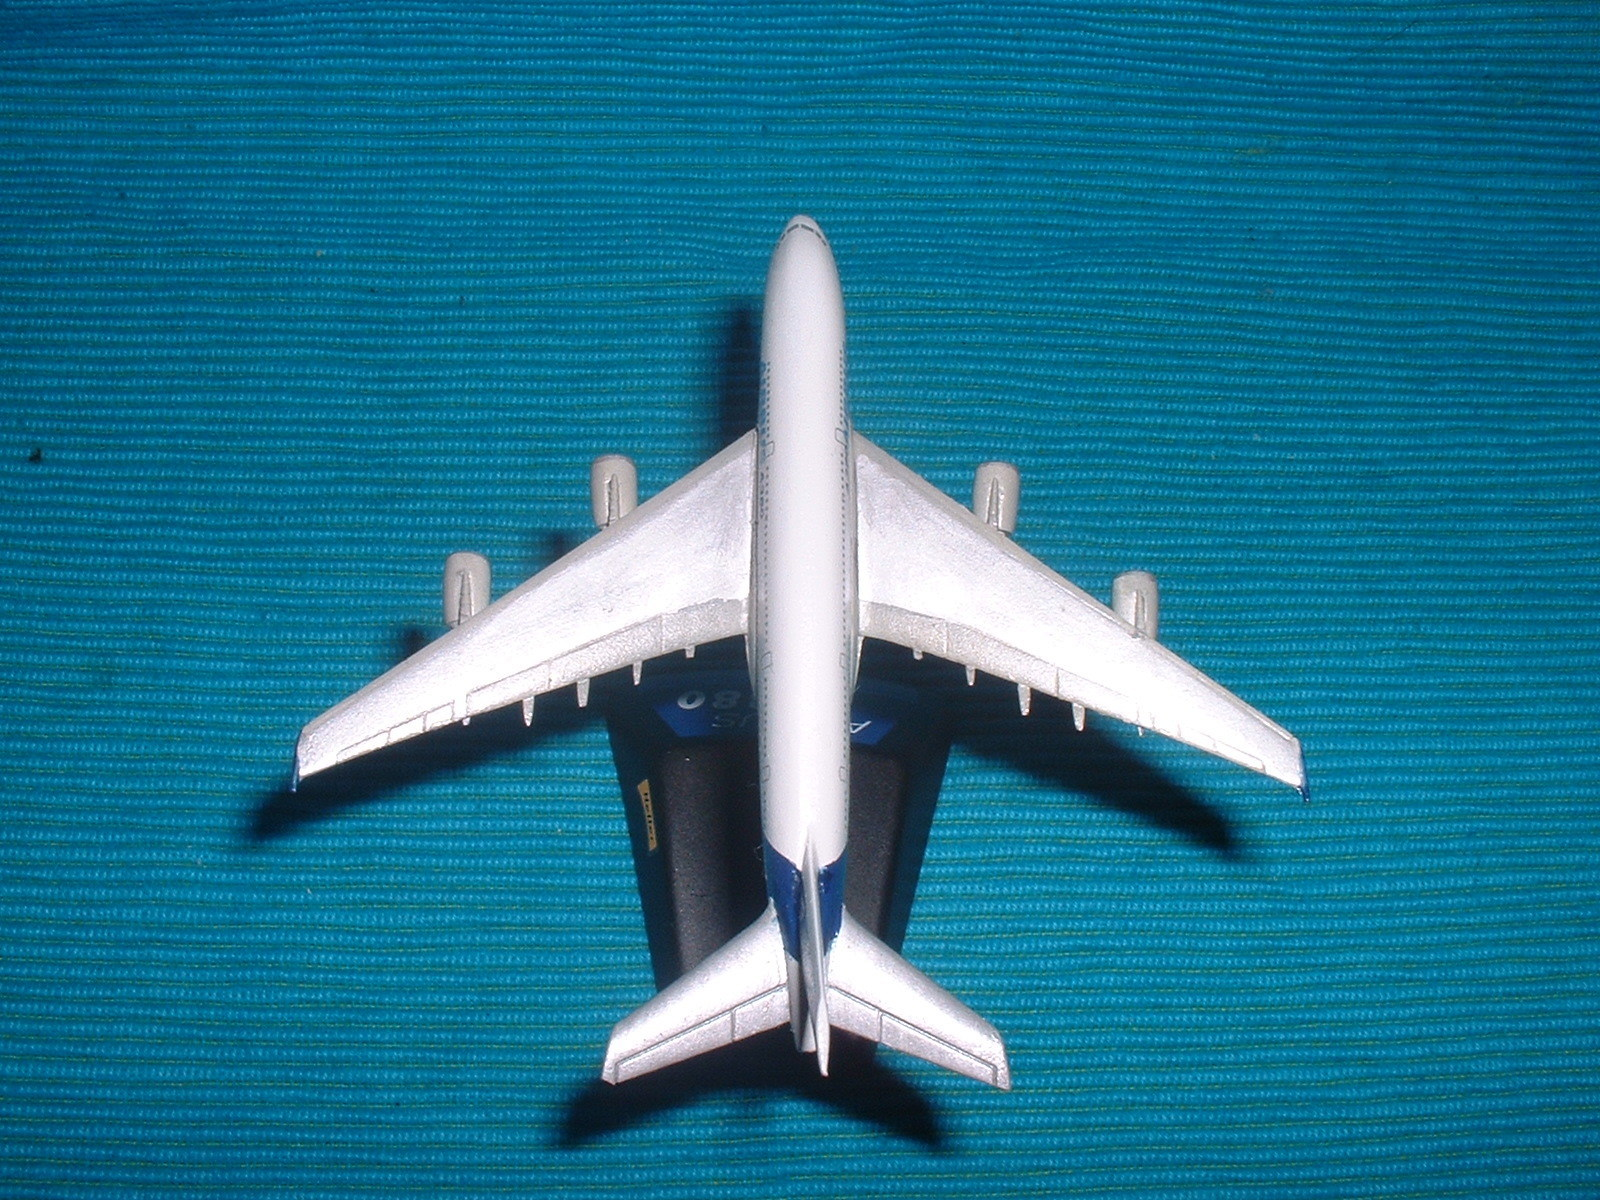 エレール 800分の1「エアバスA380 」その5.JPG